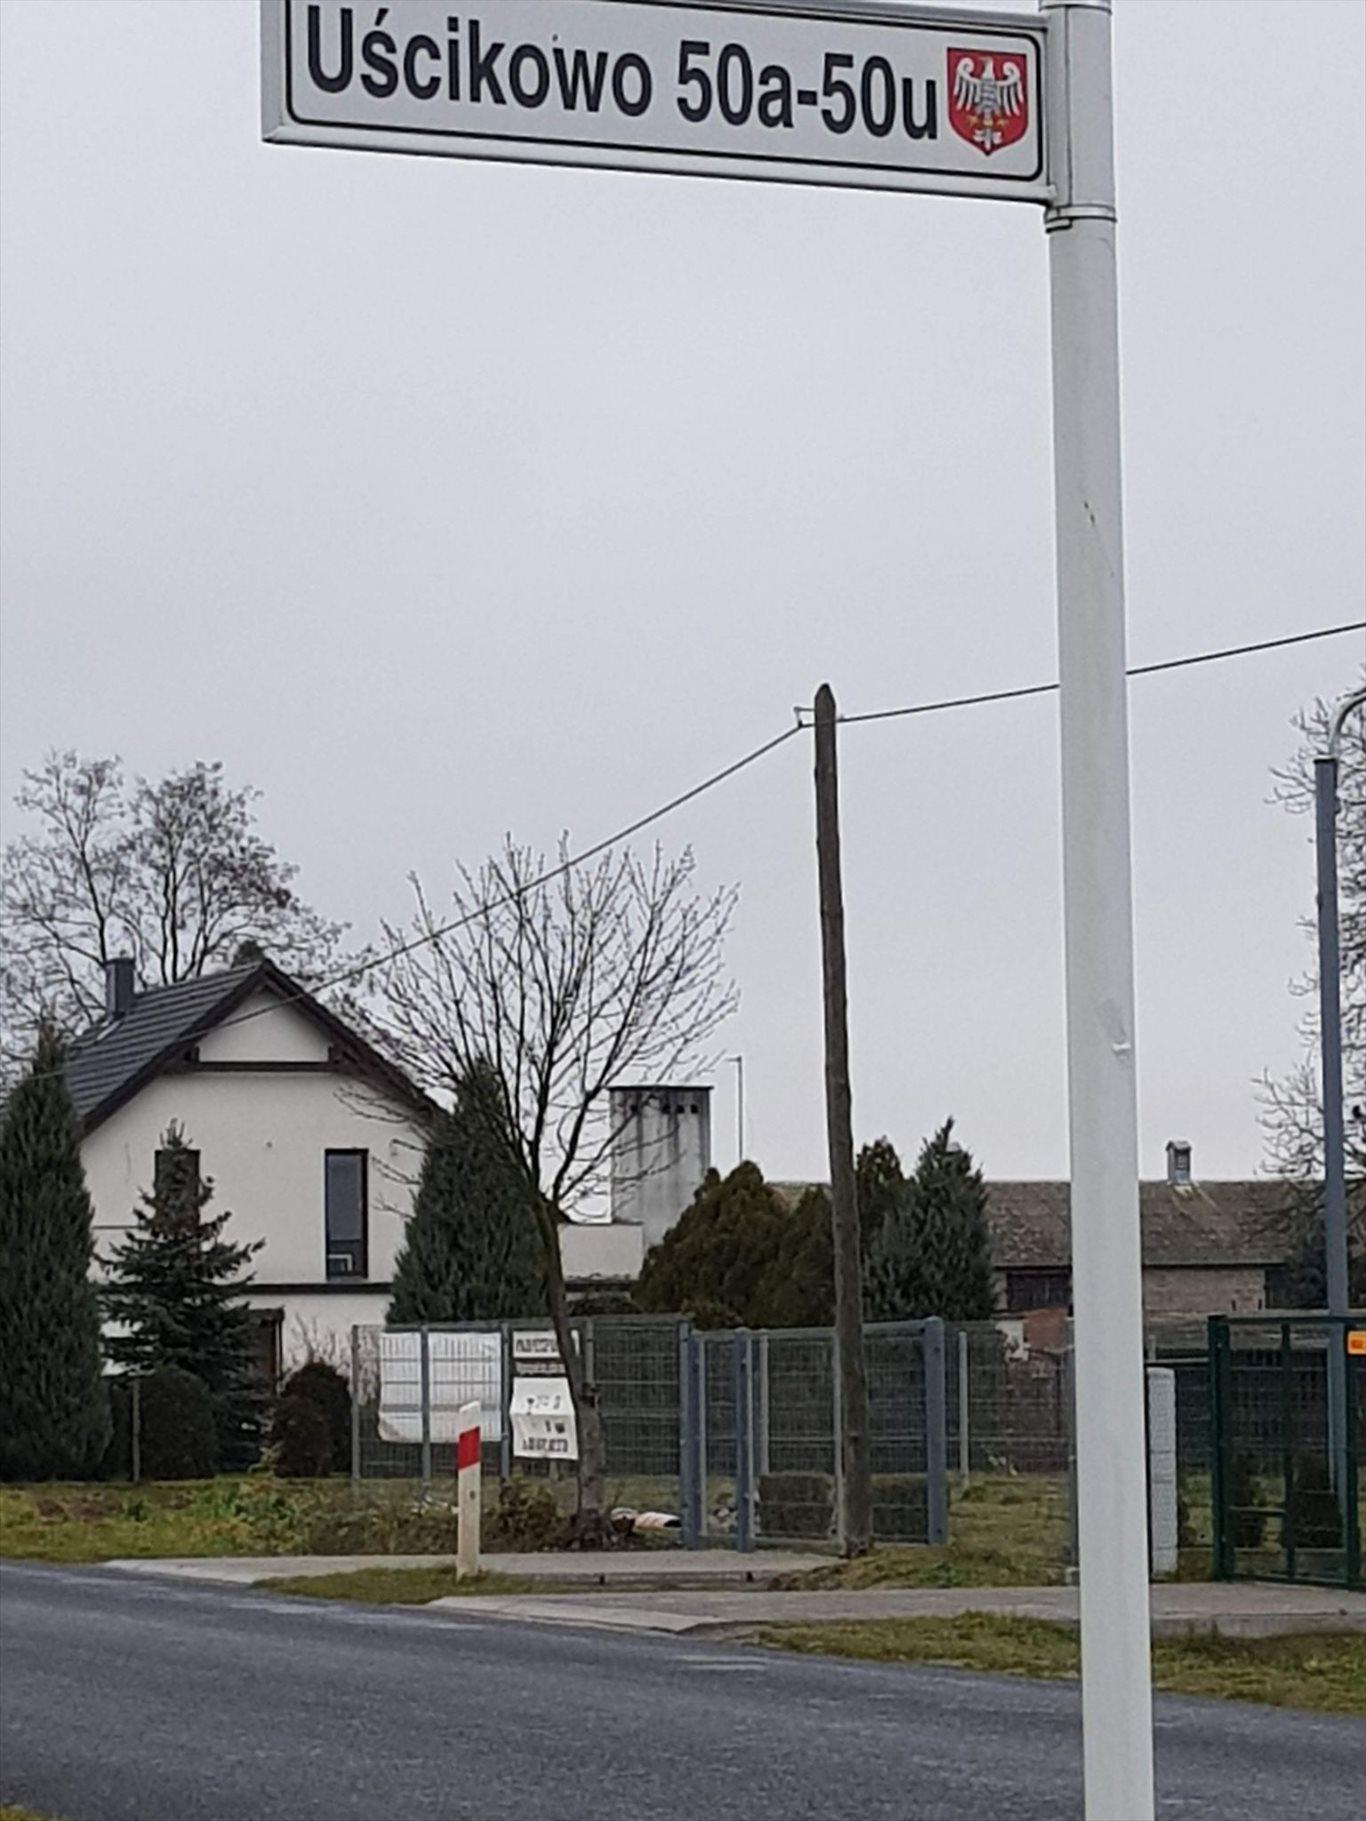 Działka budowlana na sprzedaż Uścikowo-Folwark  1048m2 Foto 1